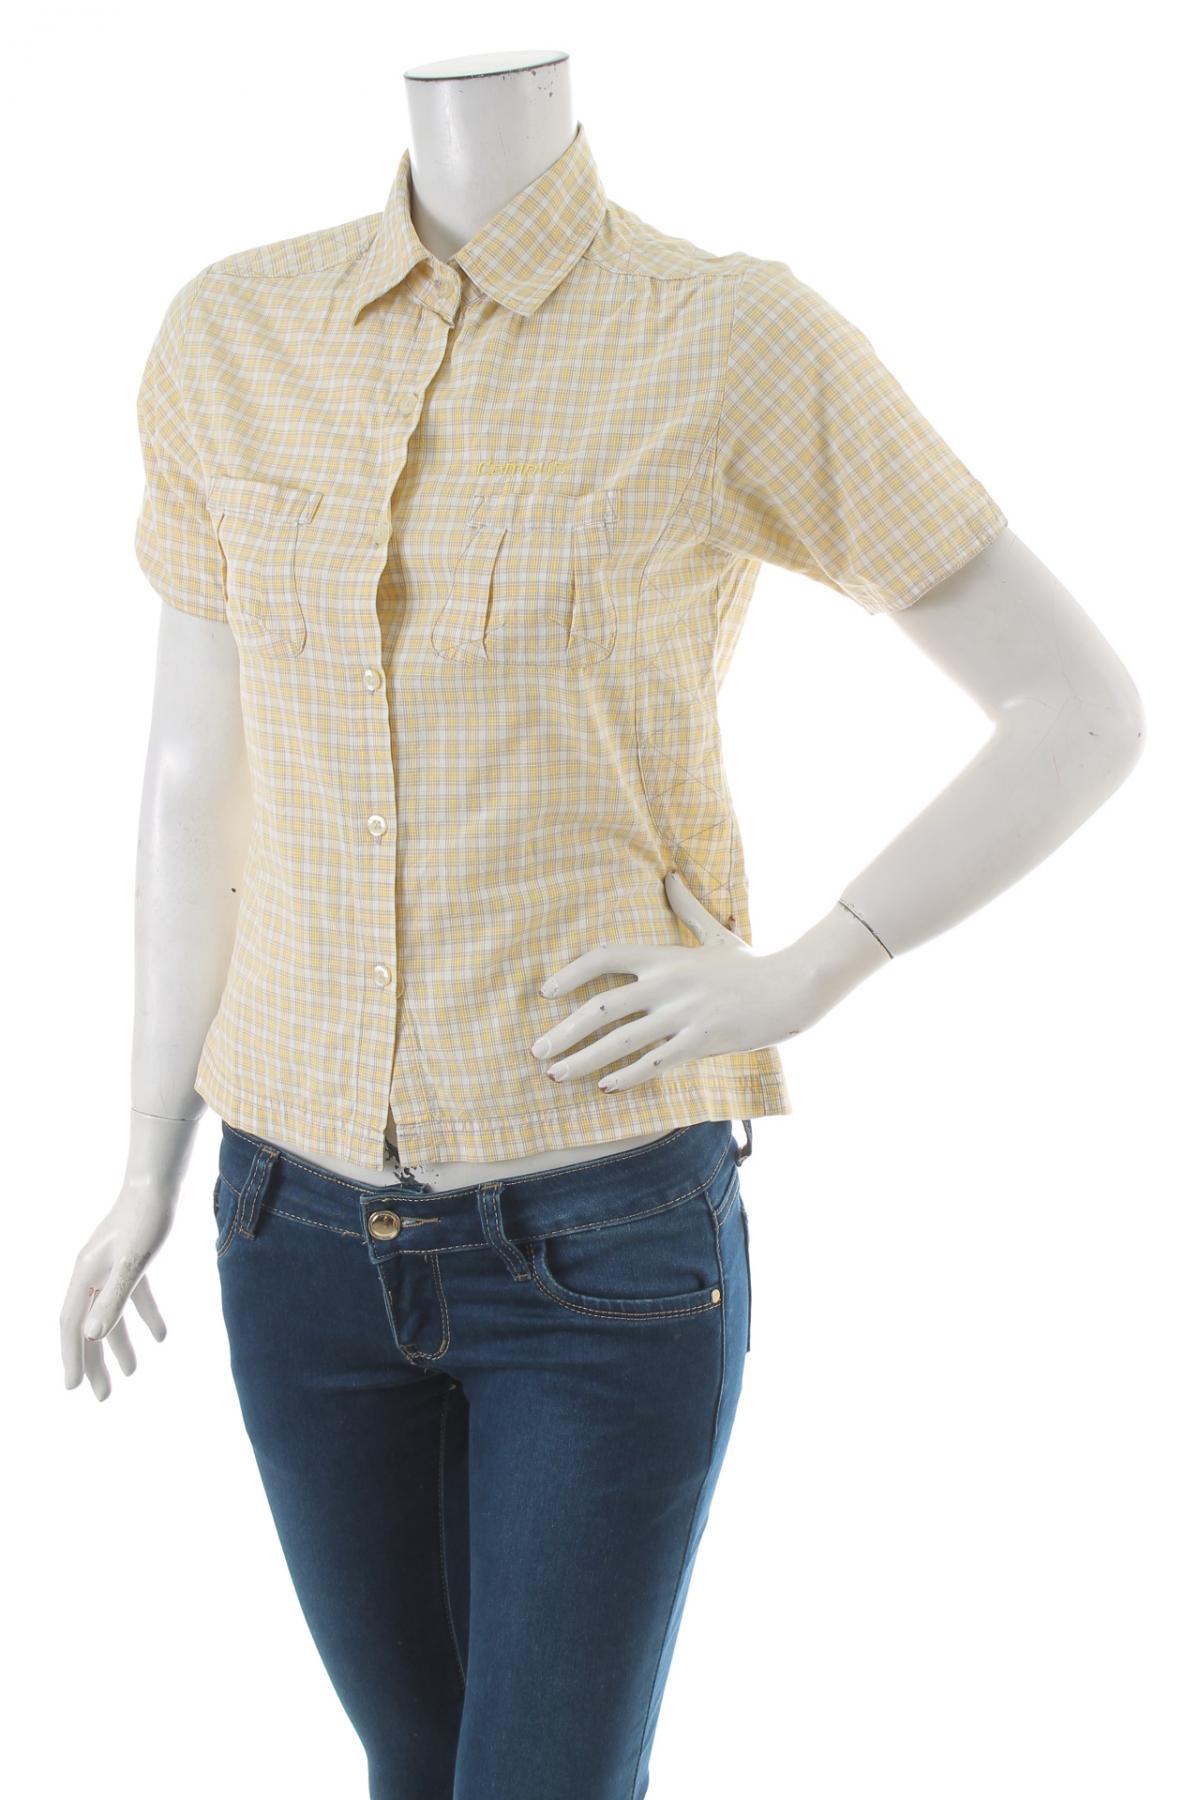 Γυναικείο πουκάμισο Campus, Μέγεθος S, Τιμή 8,66€